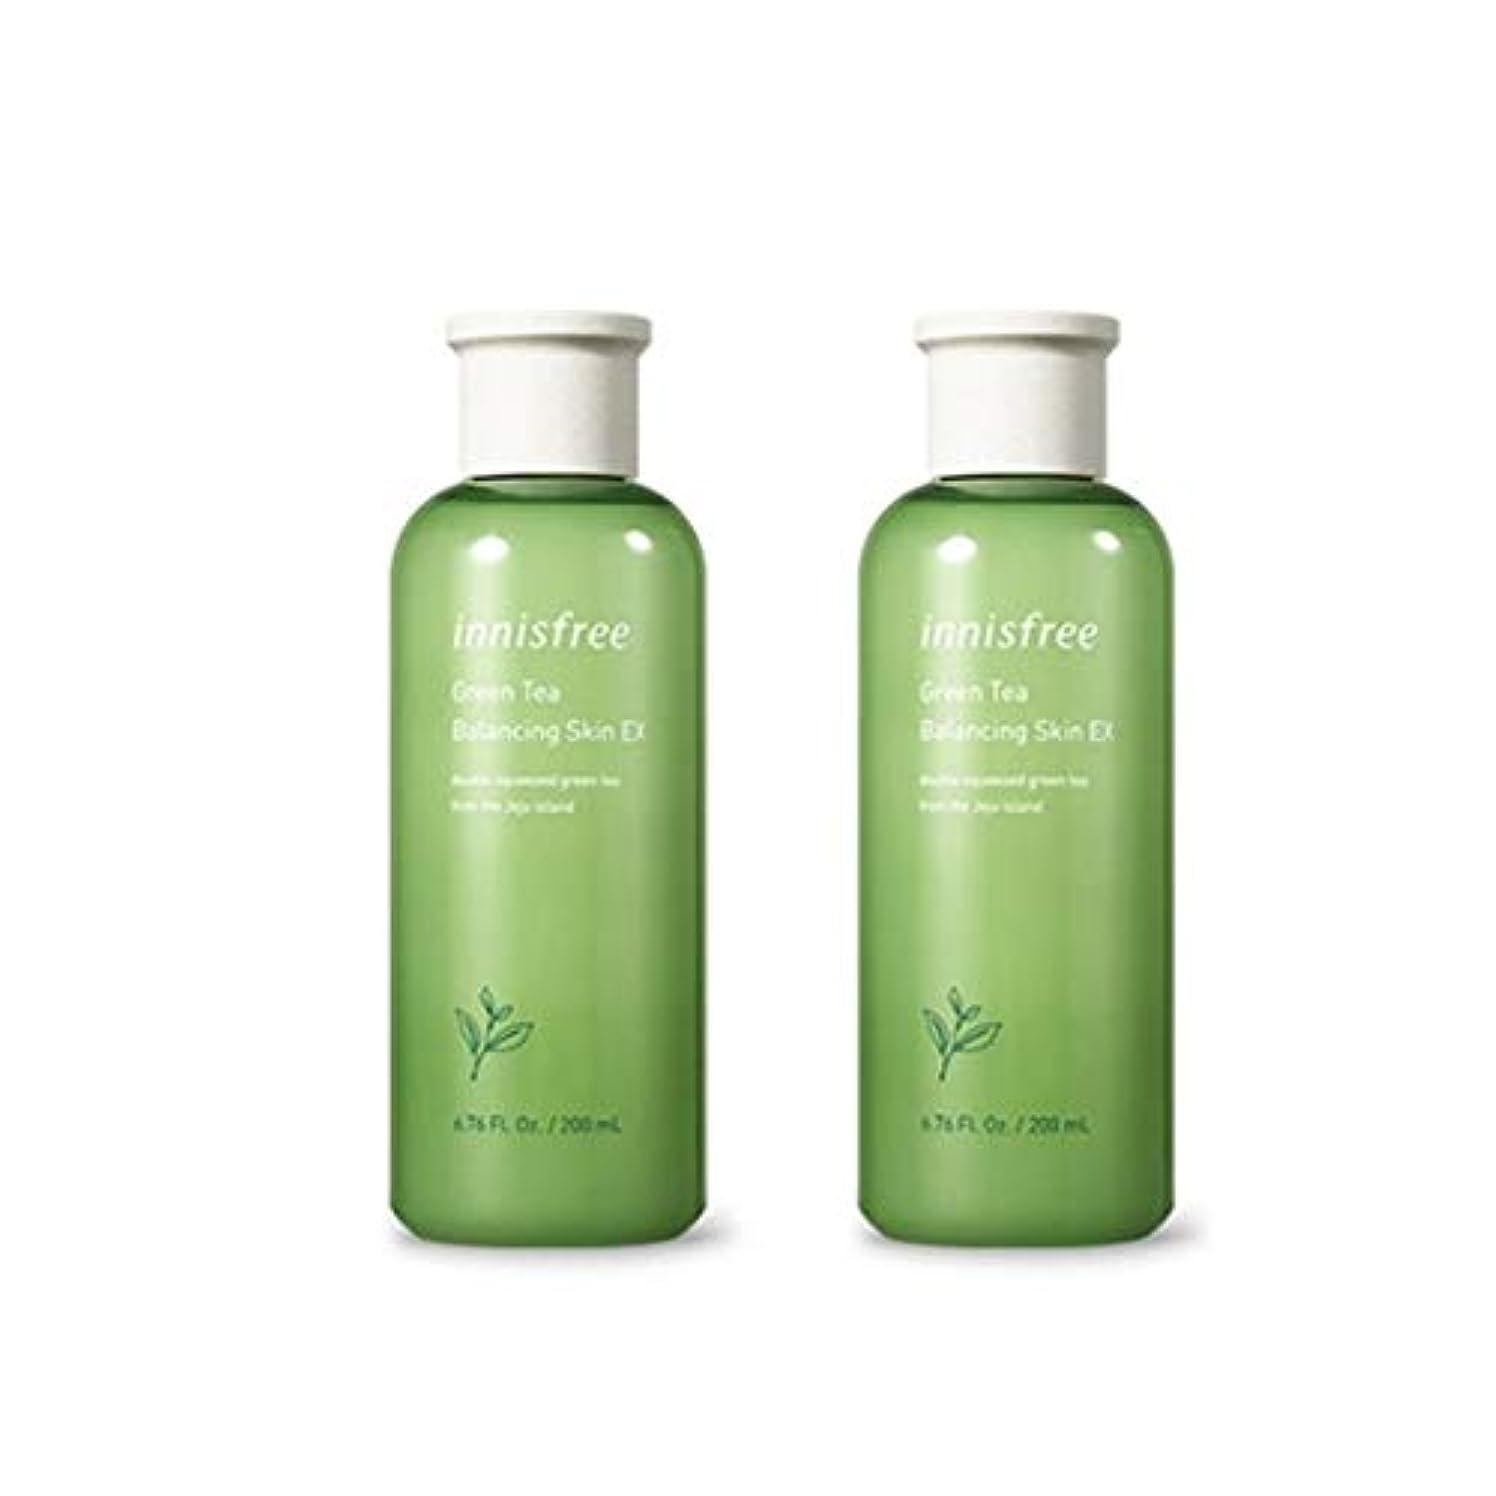 はさみ睡眠雑多なイニスフリーグリーンティーバランシングスキンEX 200mlx2本セット韓国コスメ、innisfree Green Tea Balancing Skin EX 200ml x 2ea Set Korean Cosmetics...